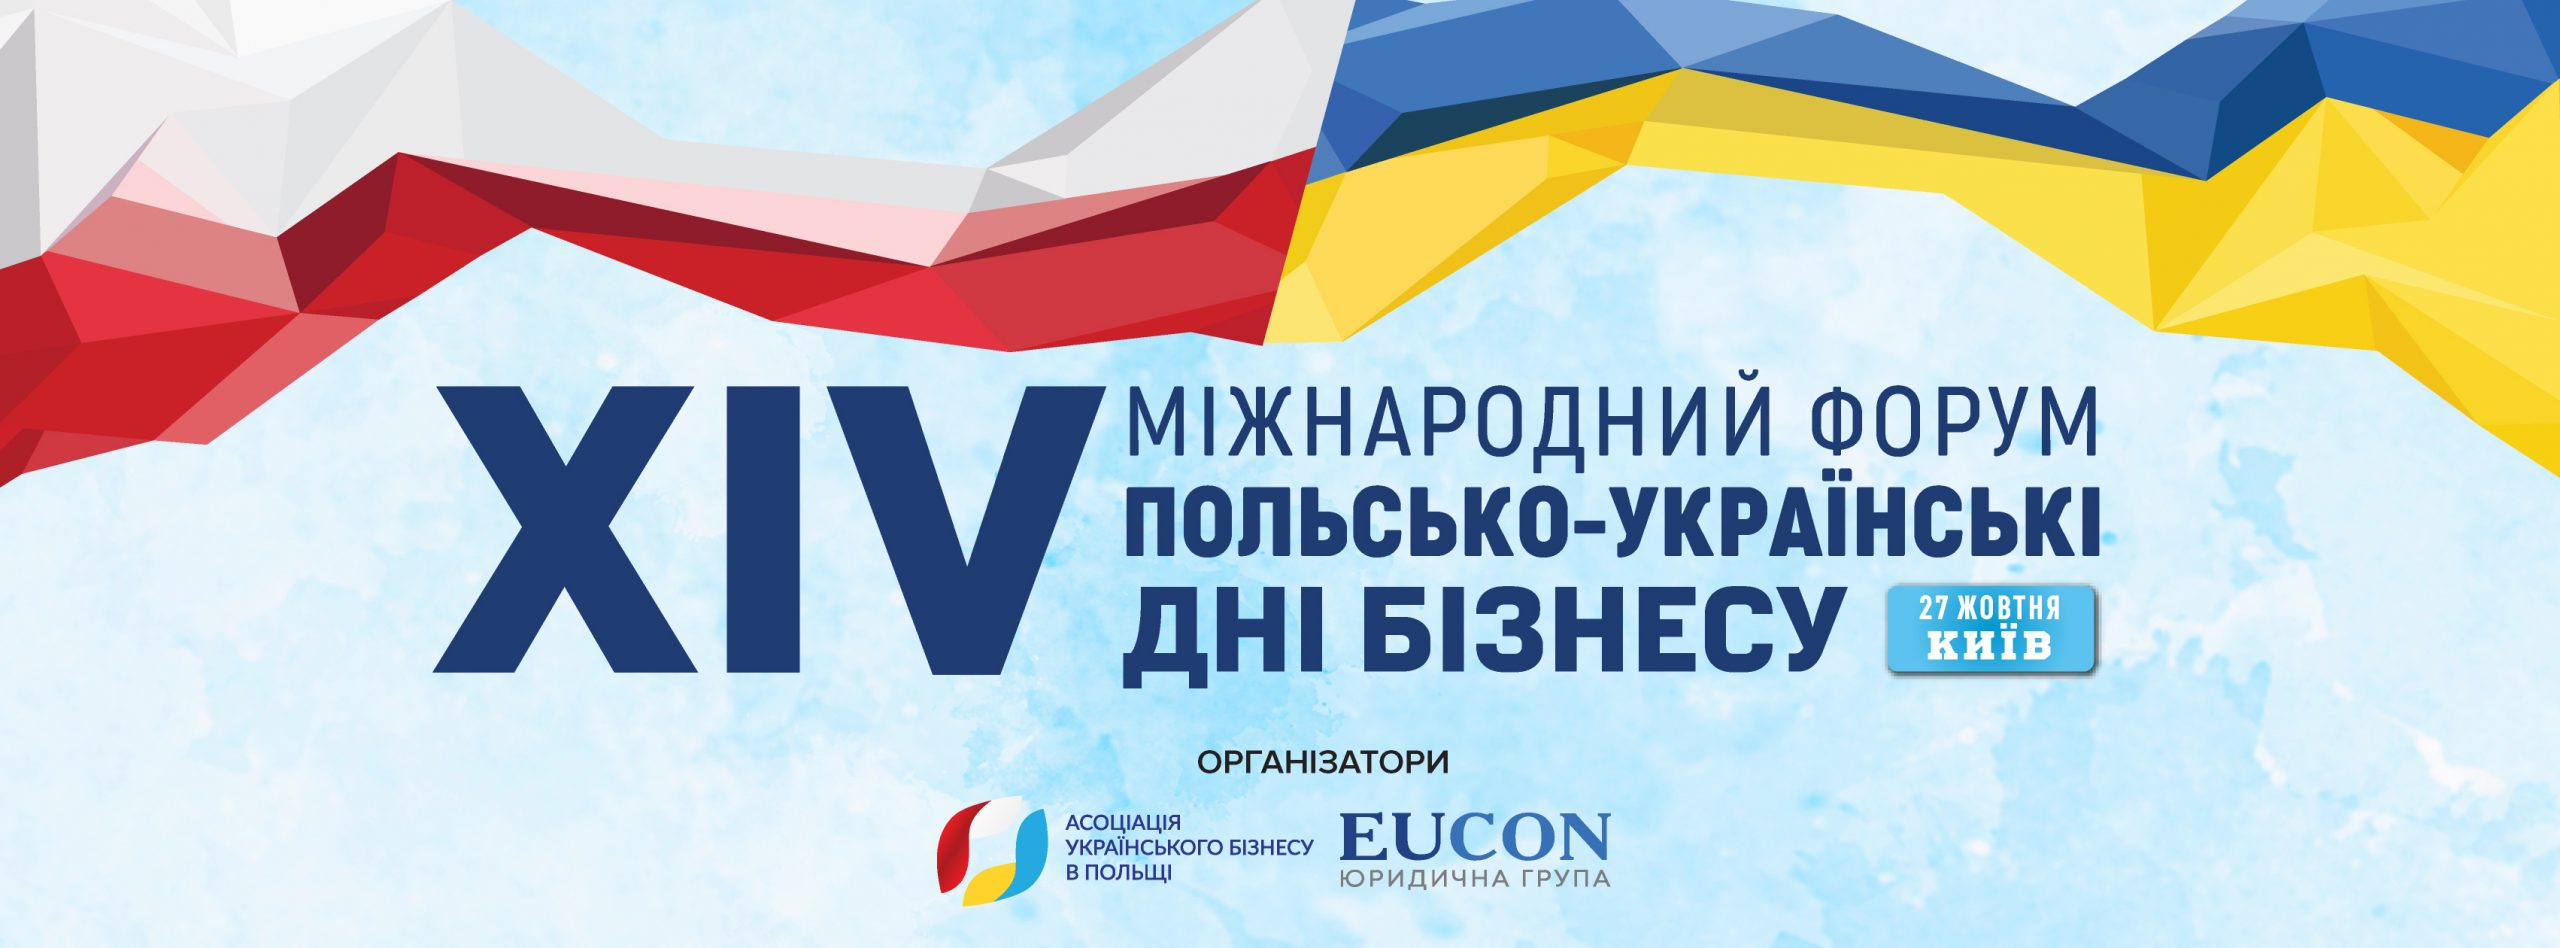 У Києві відбудеться Міжнародний форум «Польсько-українські дні бізнесу»